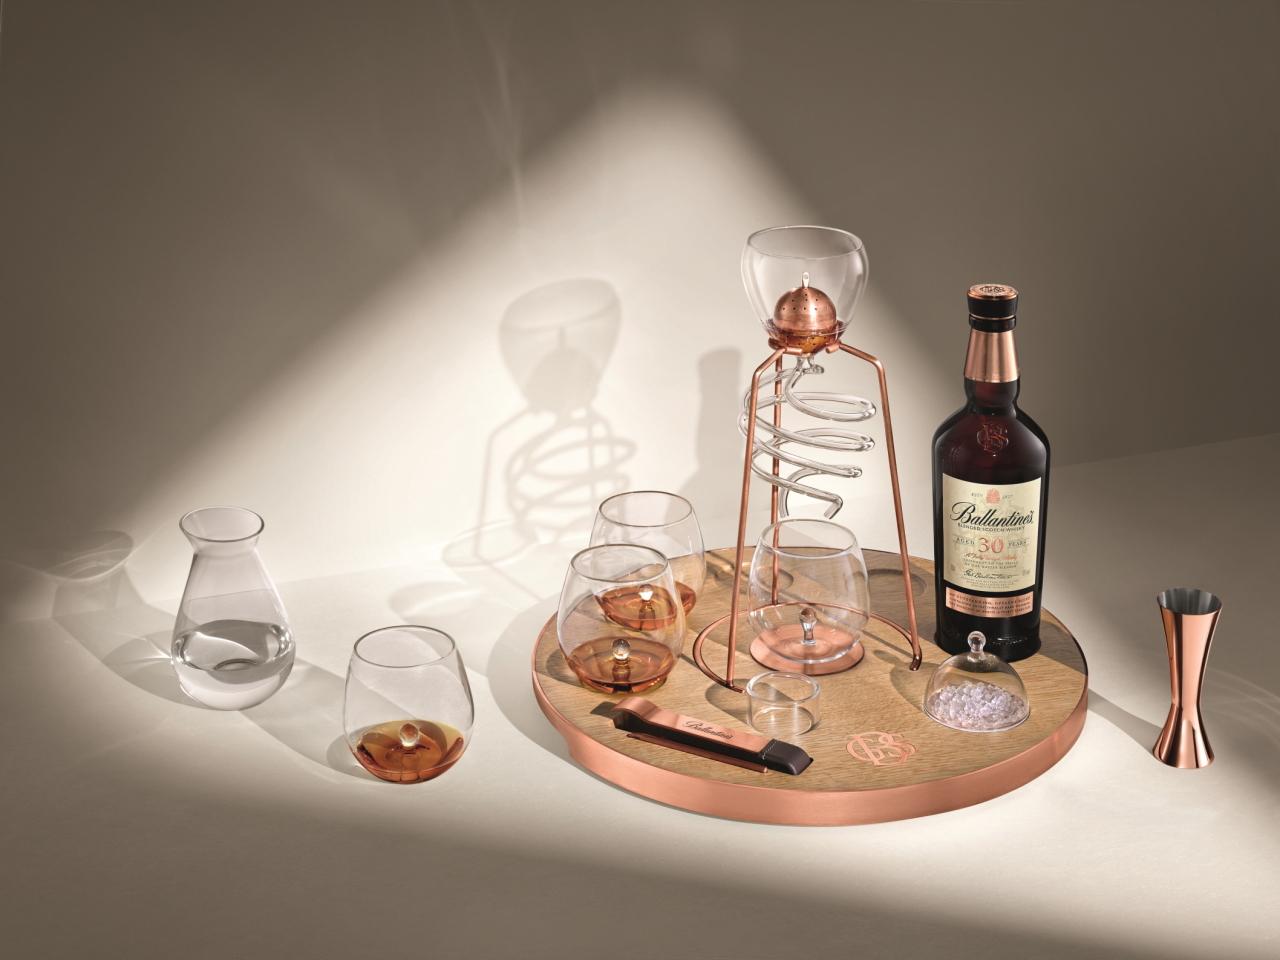 (Pernod Ricard Korea)